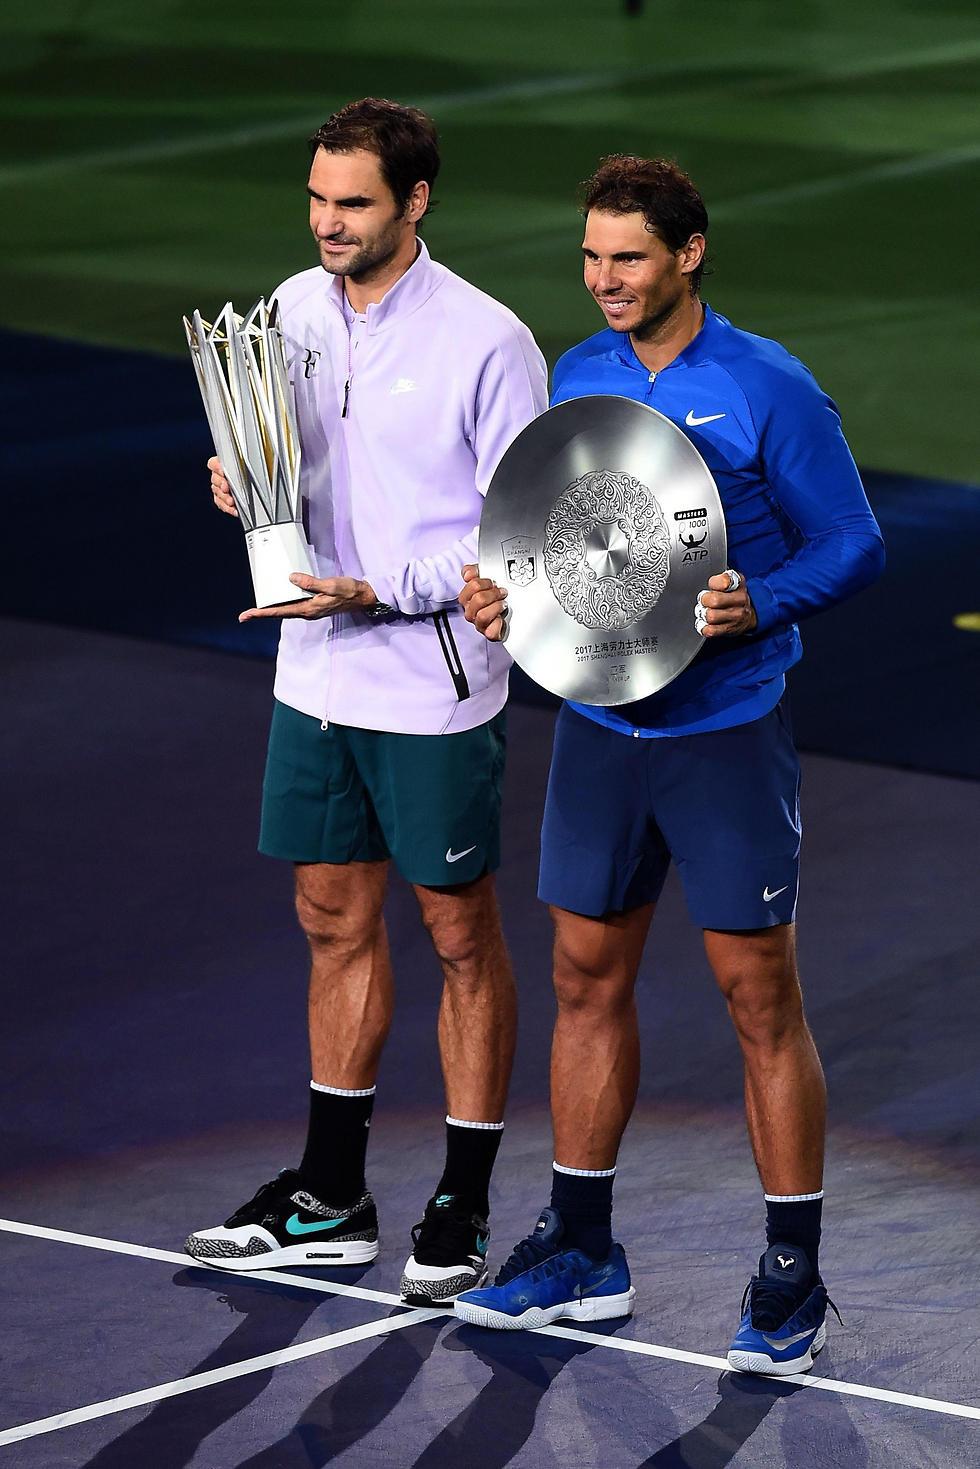 אחרי הגמר בשנגחאי. נדאל ופדרר (צילום: AFP)